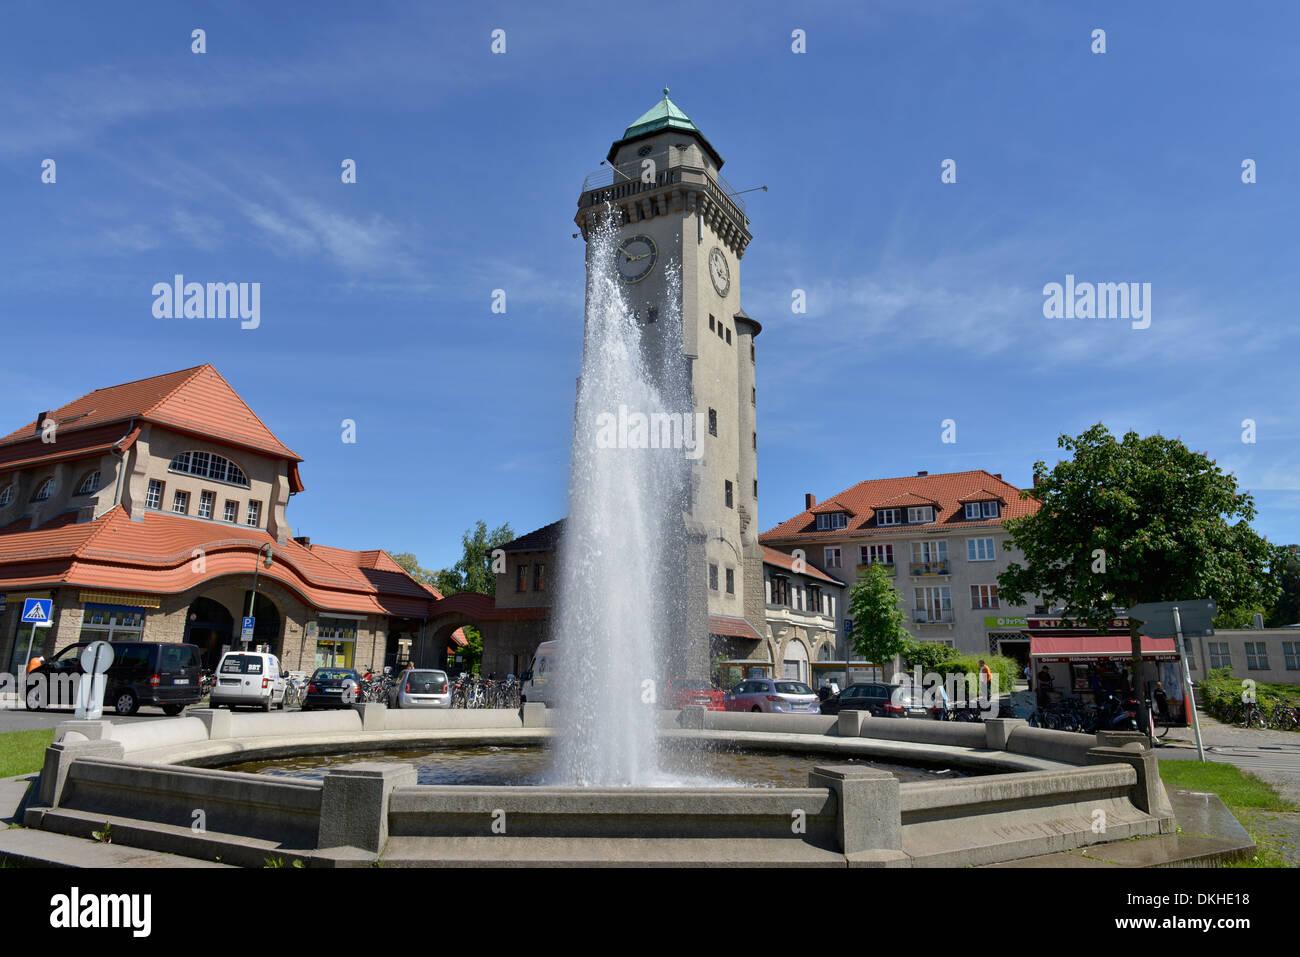 Brunnen, Casinoturm, Ludolfingerplatz, Frohnau, Berlin, Deutschland